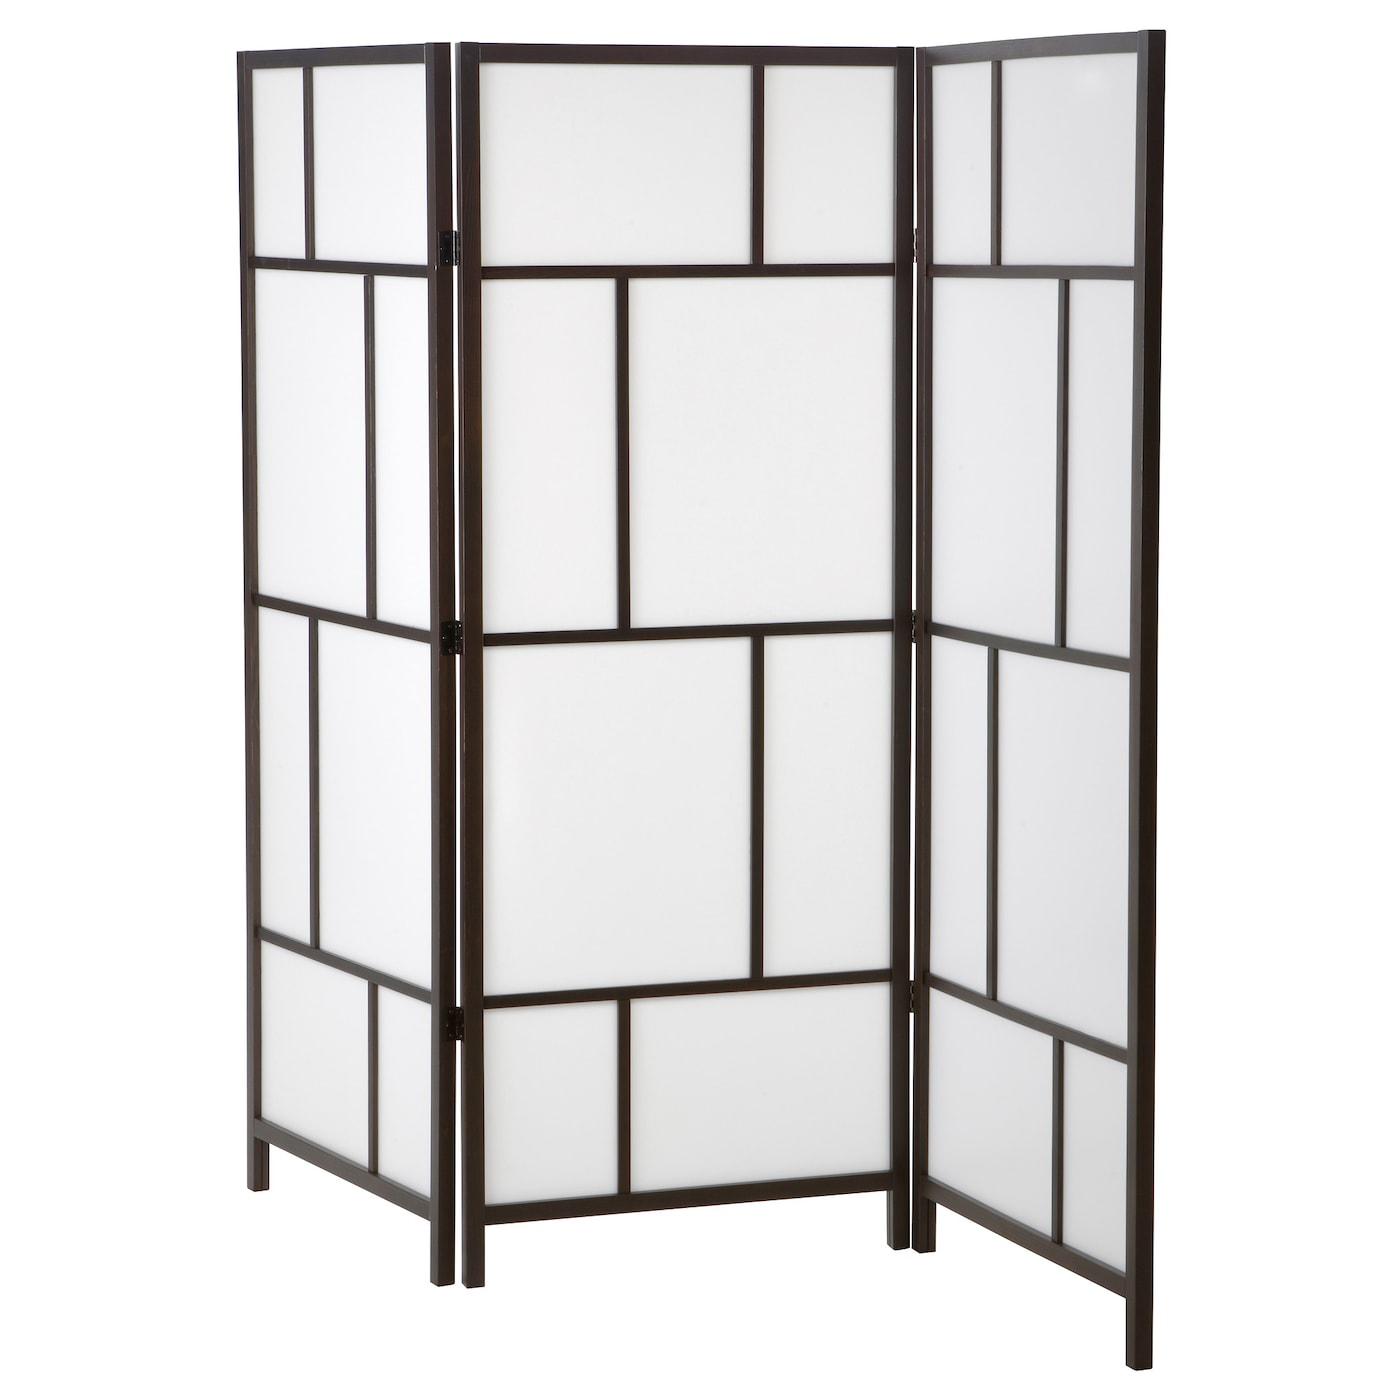 r-room-divider-white-black__0107404_PE257072_S5